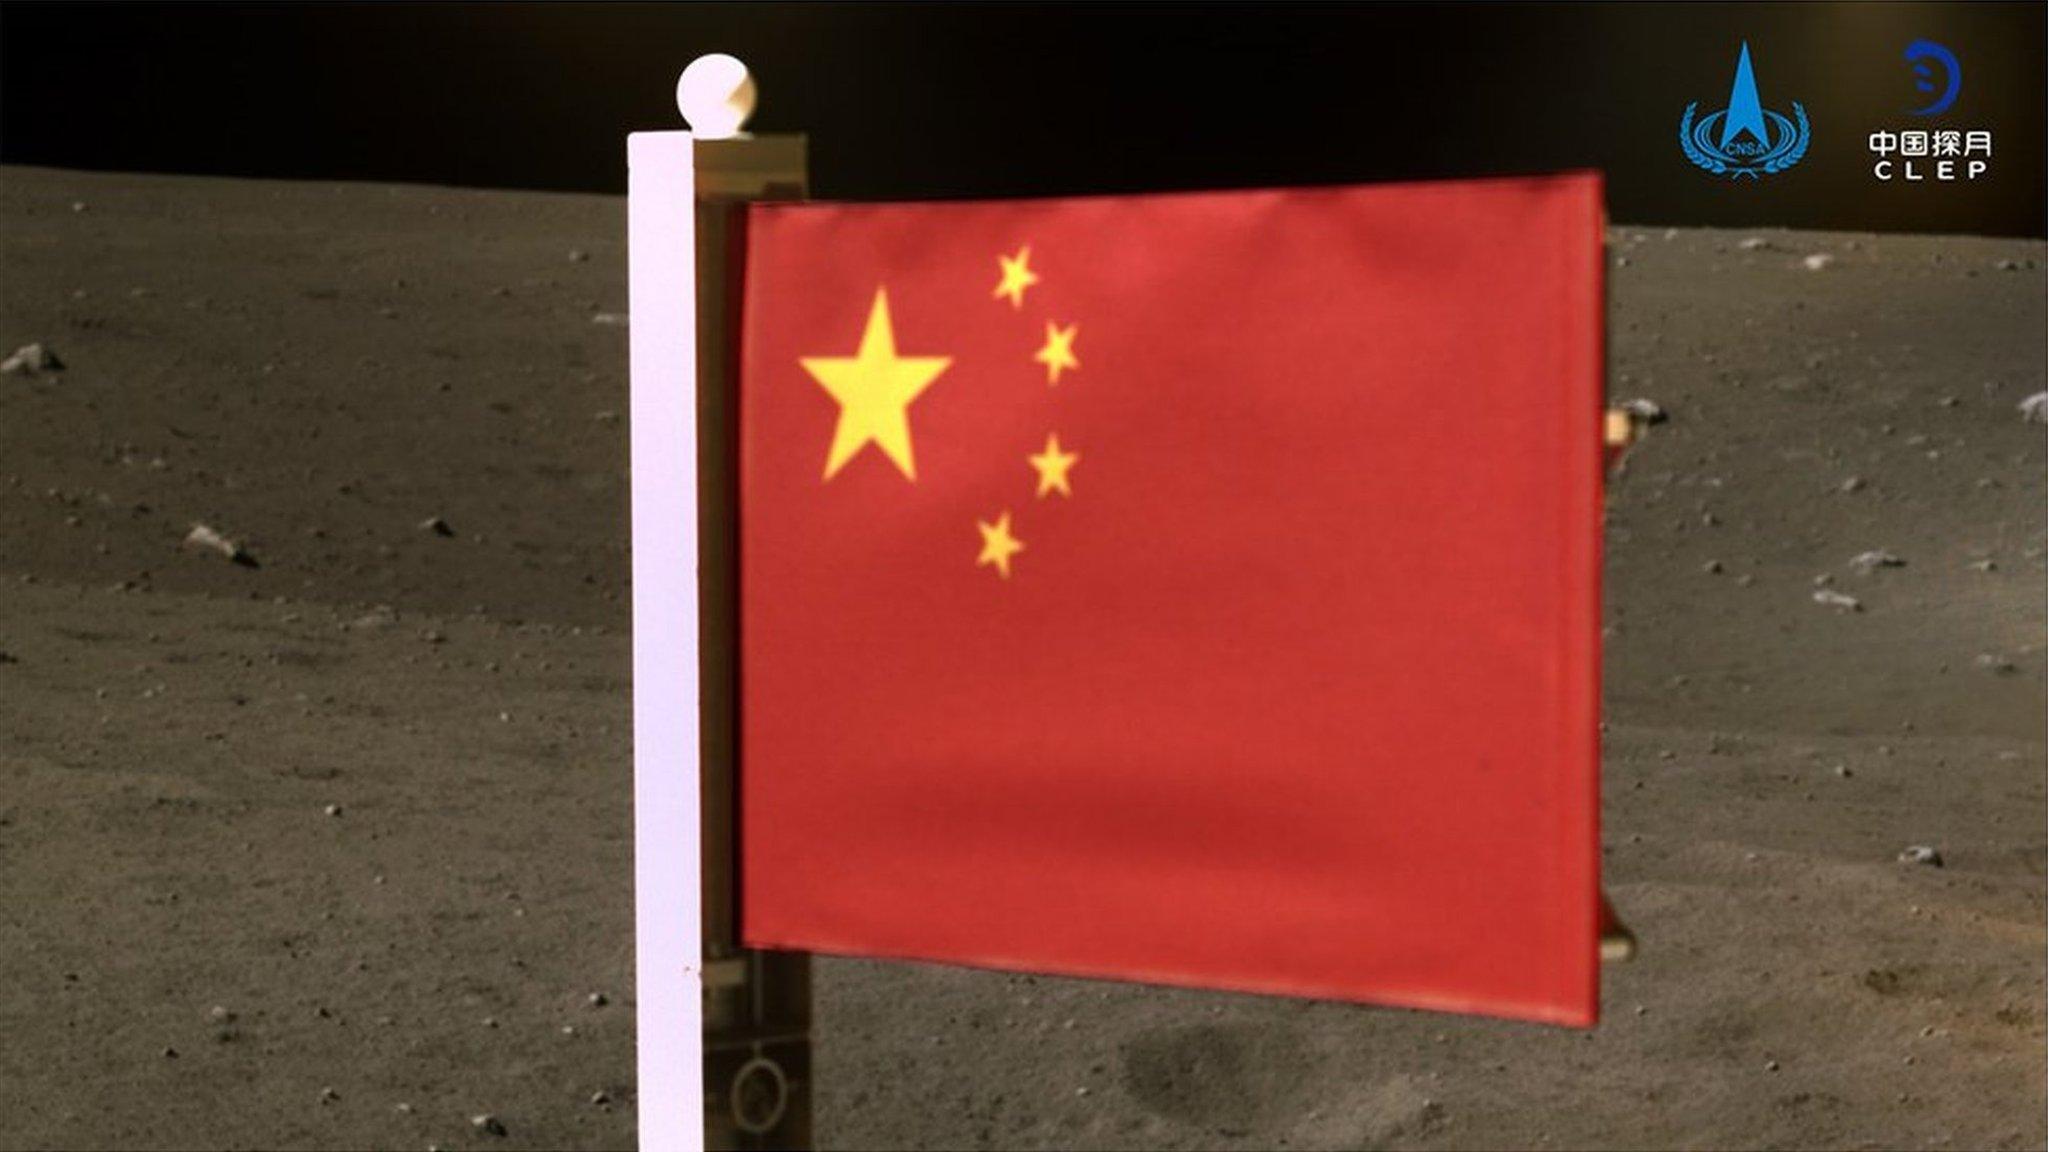 探査 は を て 無人 目指し が の 着陸 機 いる 中国